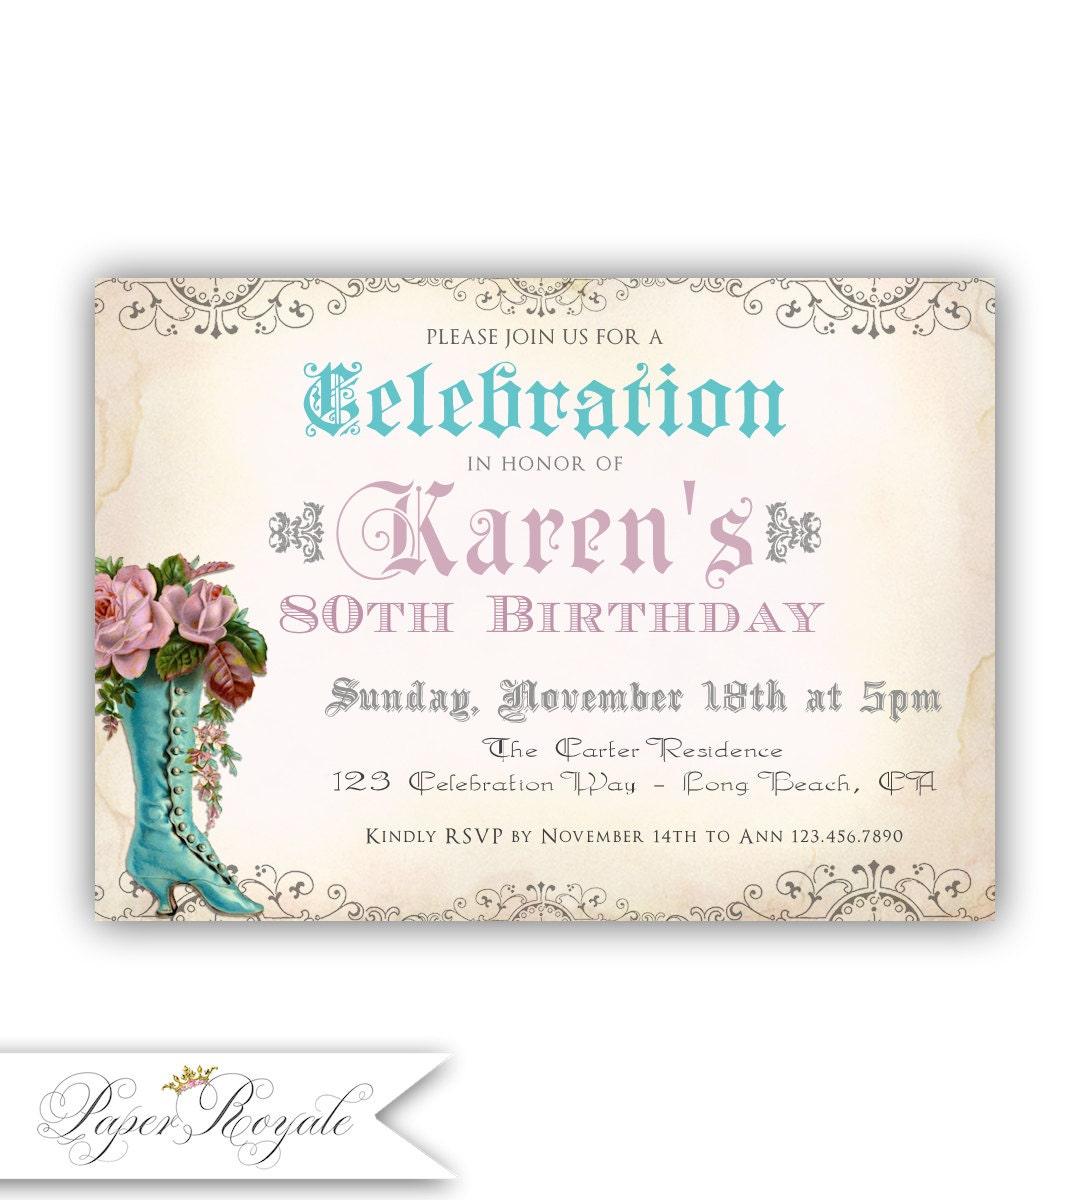 Elegant 80th birthday invitation. 80 Years Old Birthday Party. | Etsy